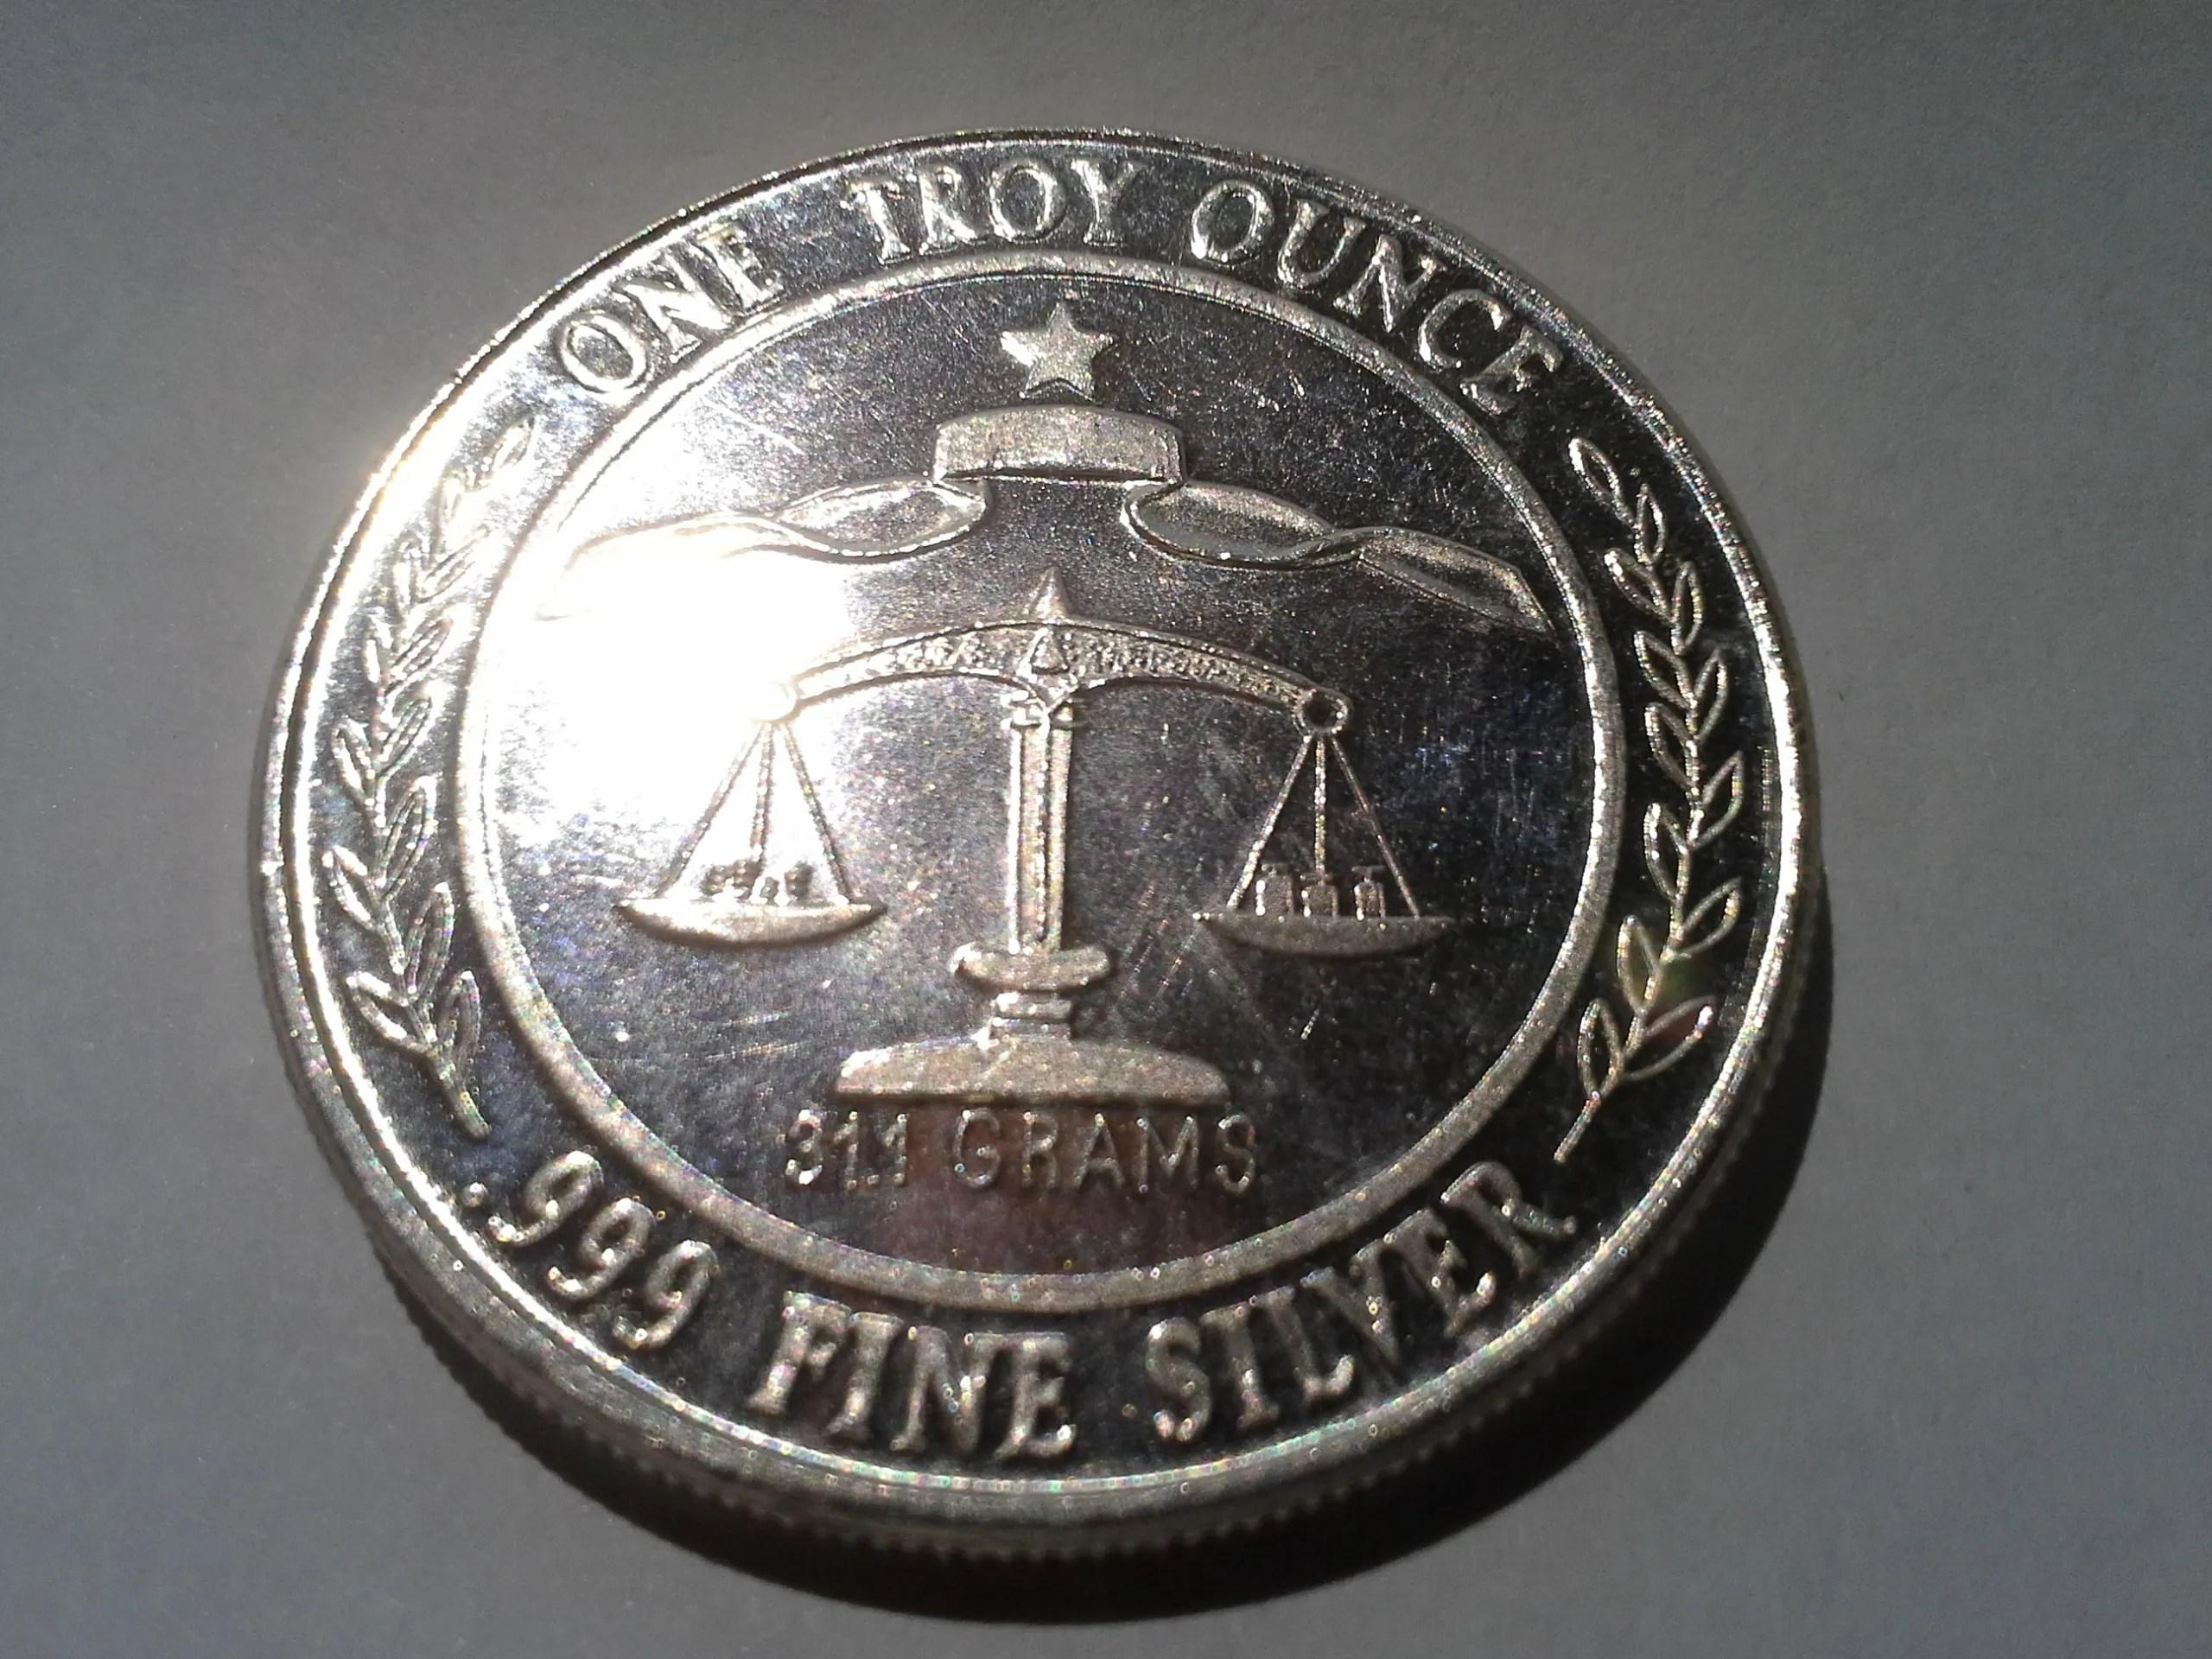 1 Oz 999 Fine Silver Parliament Shield Round 1984 The